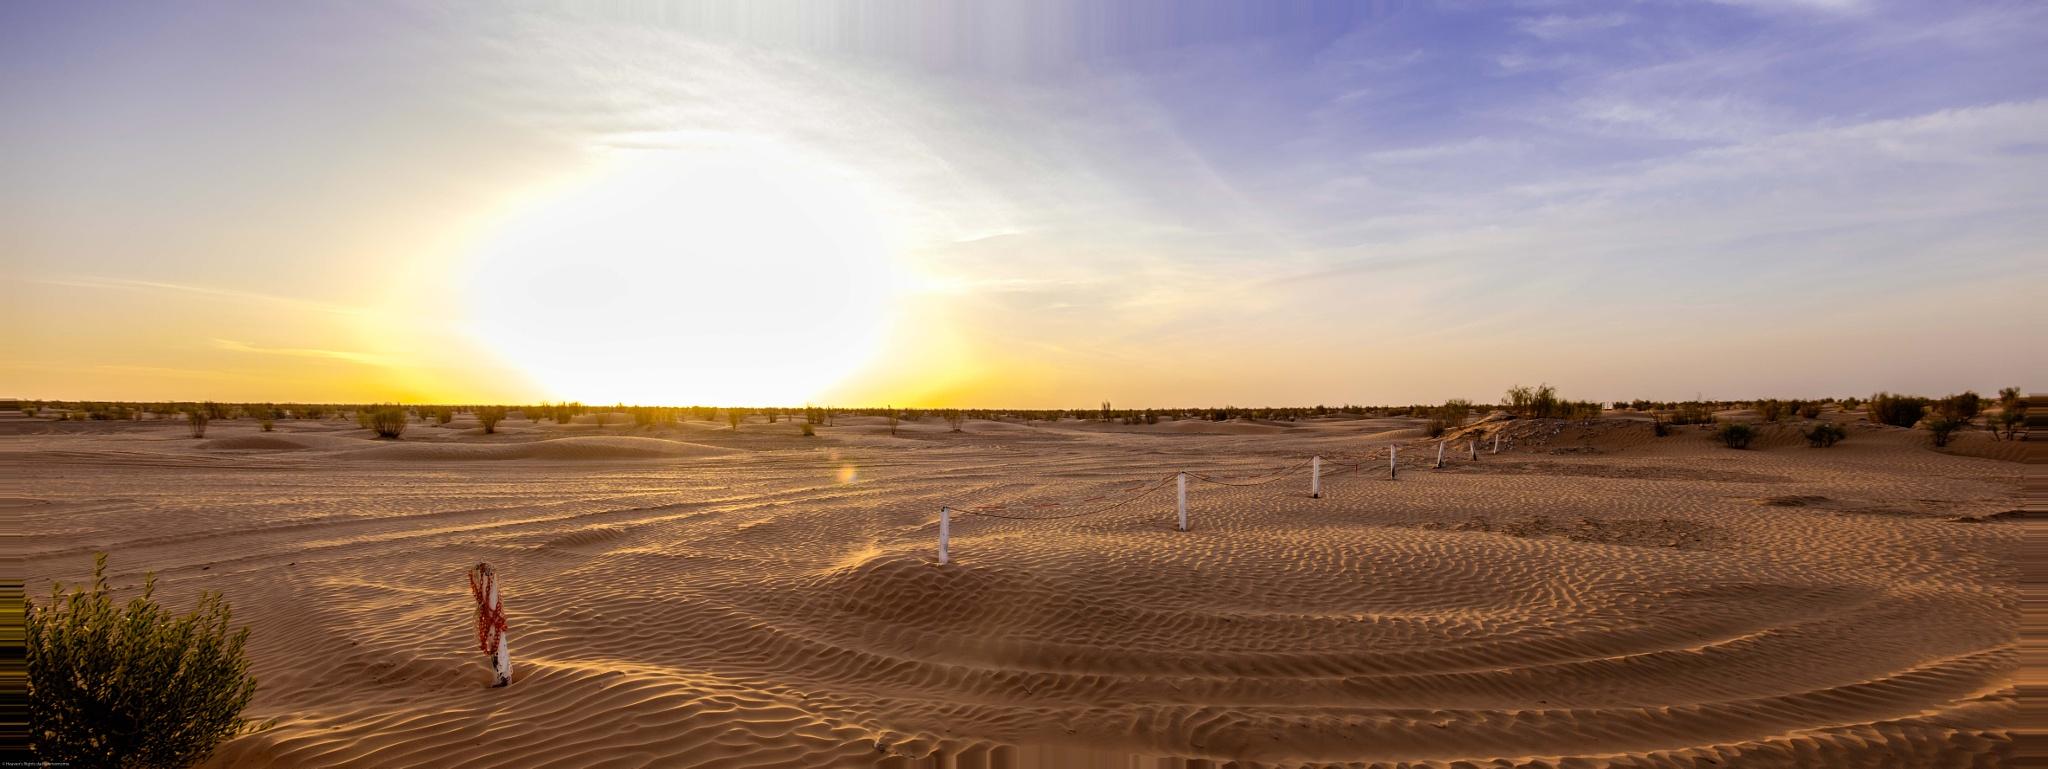 The Gate of Sahara by dadadamomomo